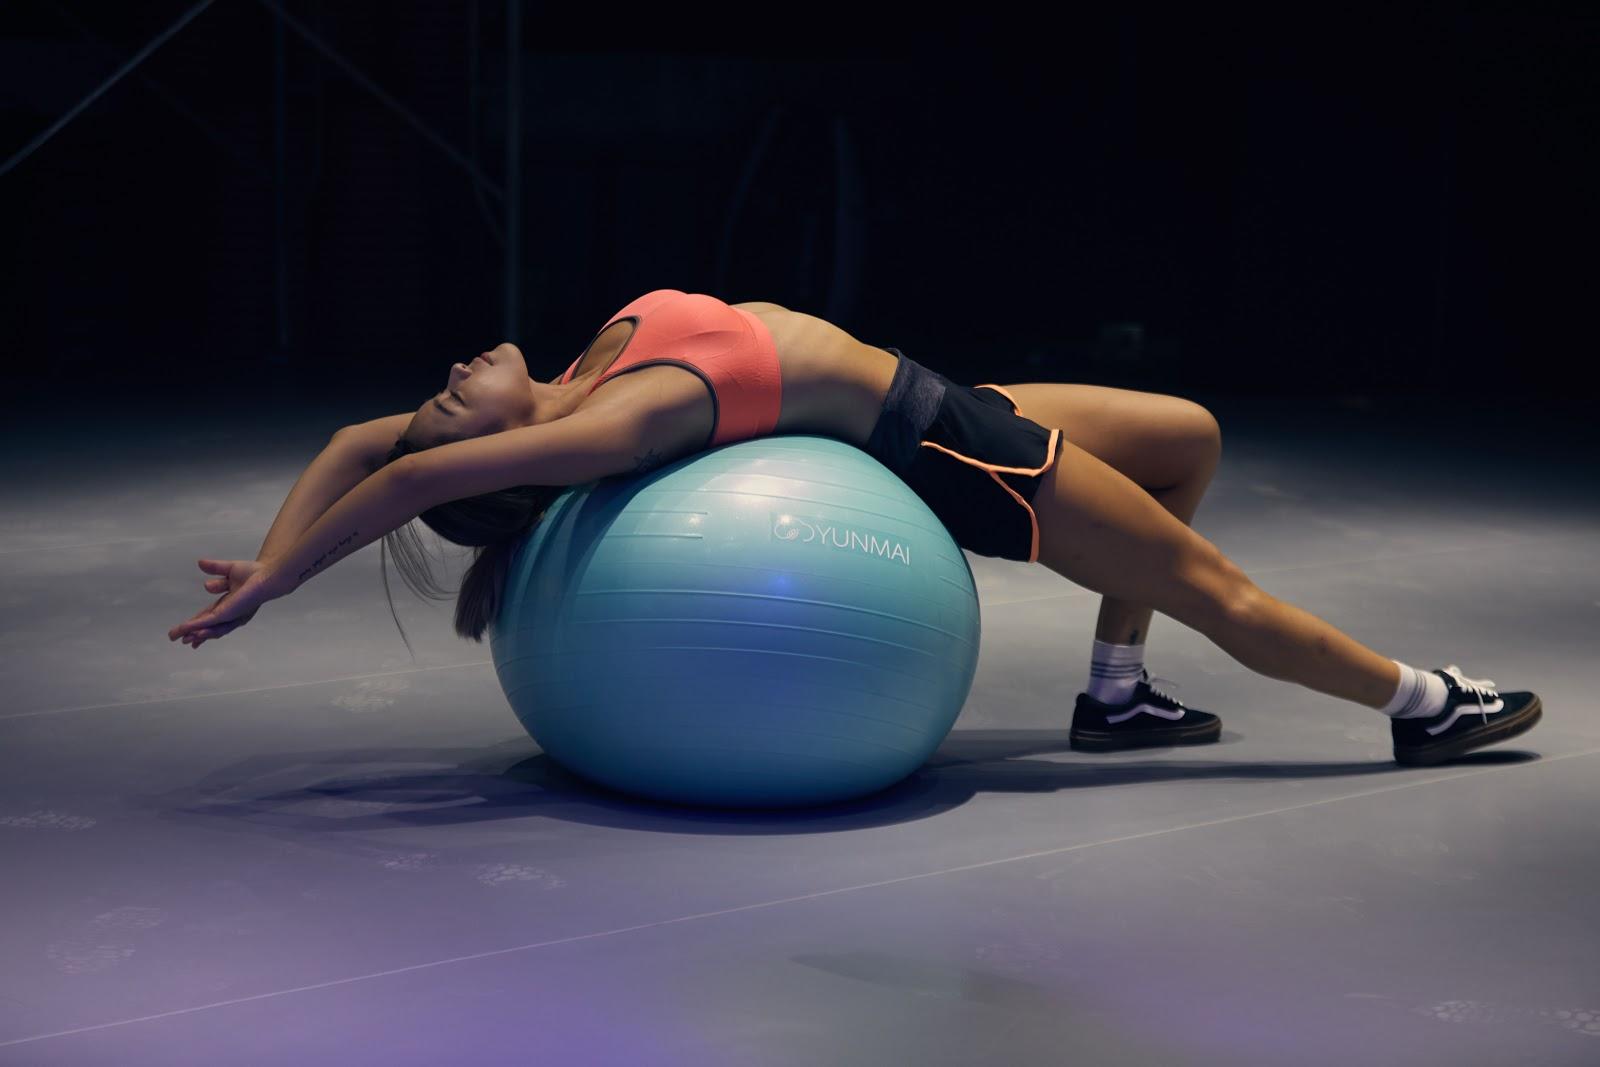 mulher fazendo exercícios com bola de yoga